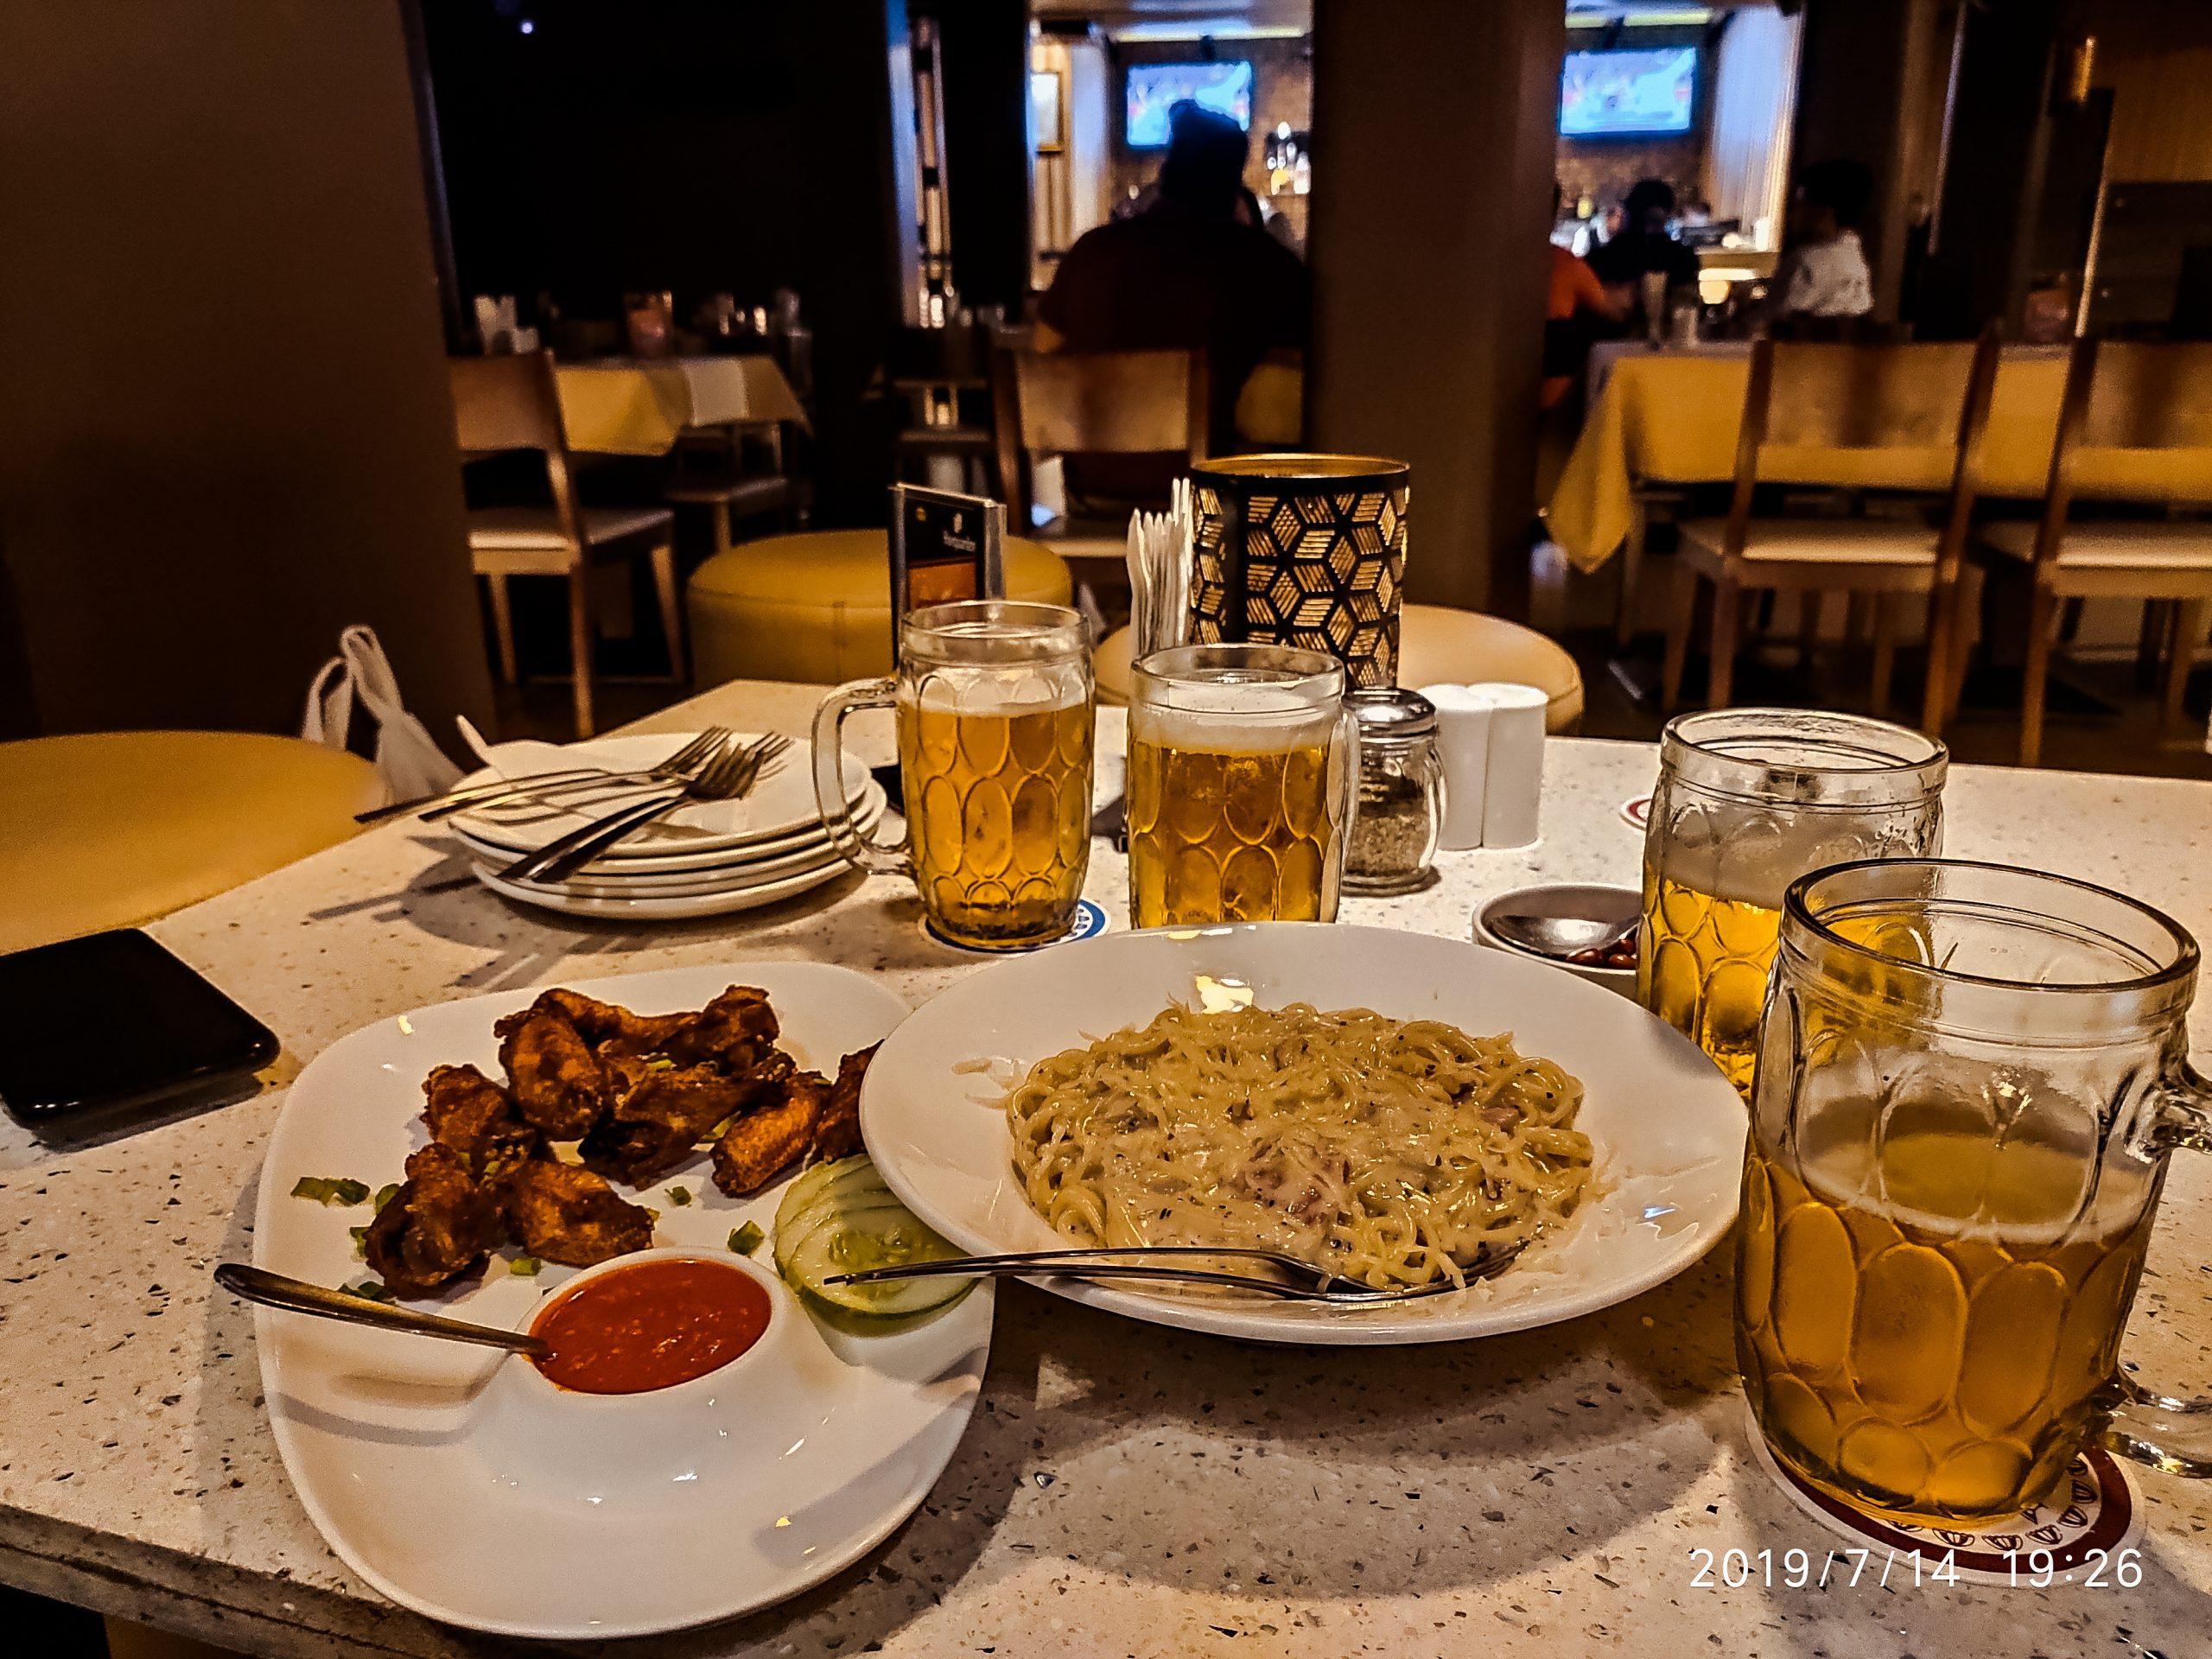 Shillong's Food